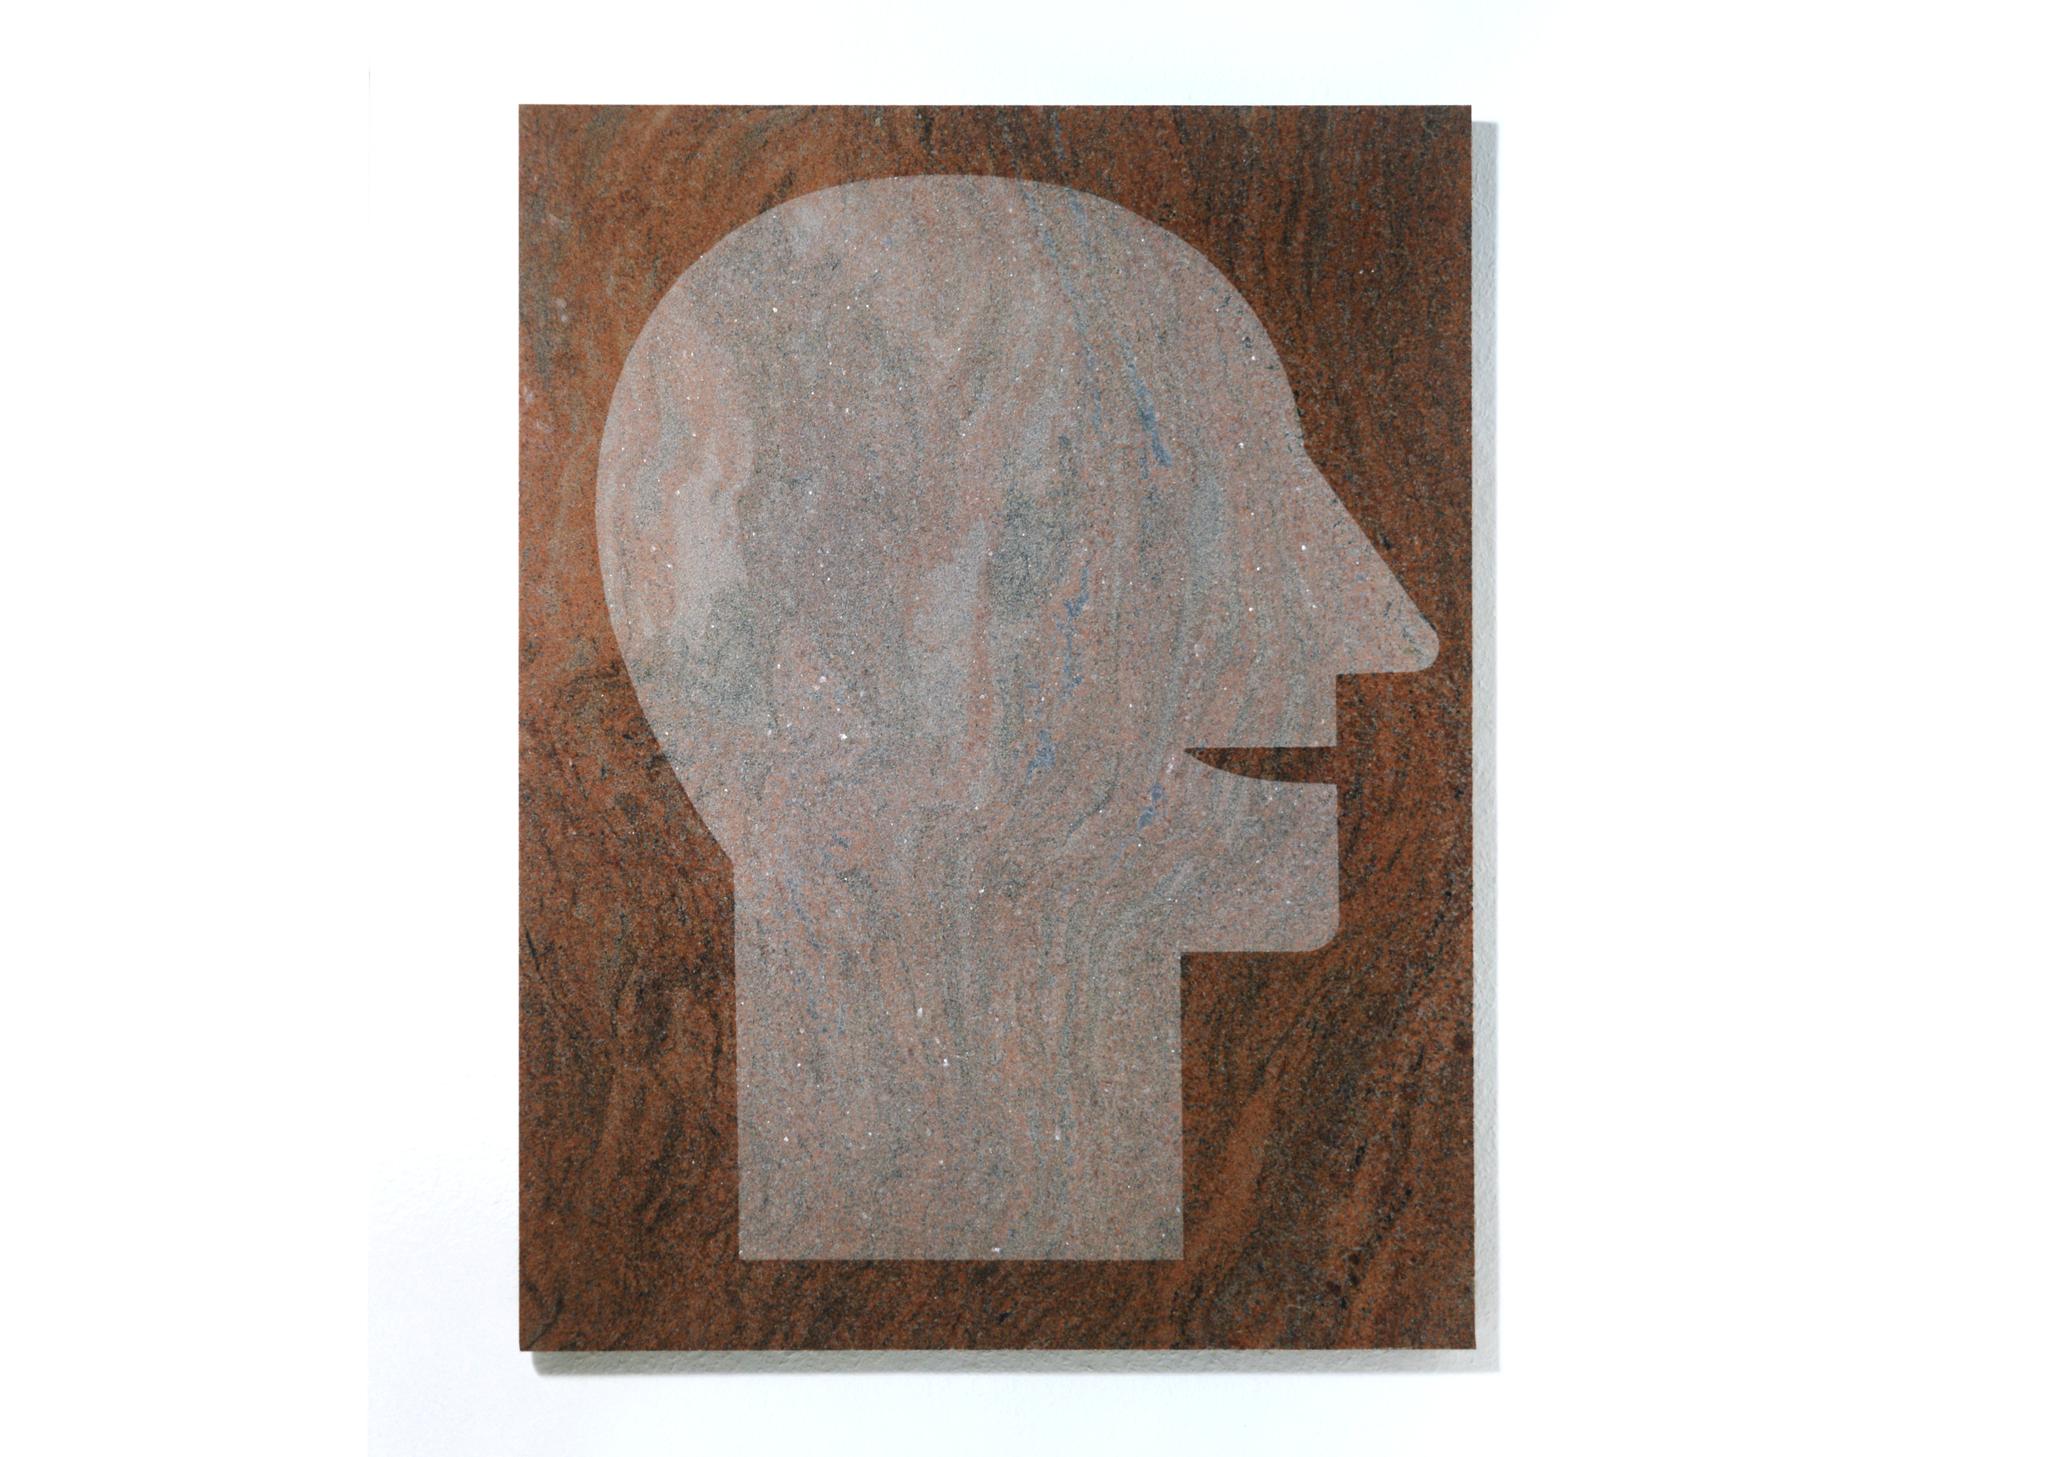 """""""Tête debout"""" 1986, pierre sablée (granit rouge) 114 x 88 x 2 cm - Photo Hadler/Stuhr"""